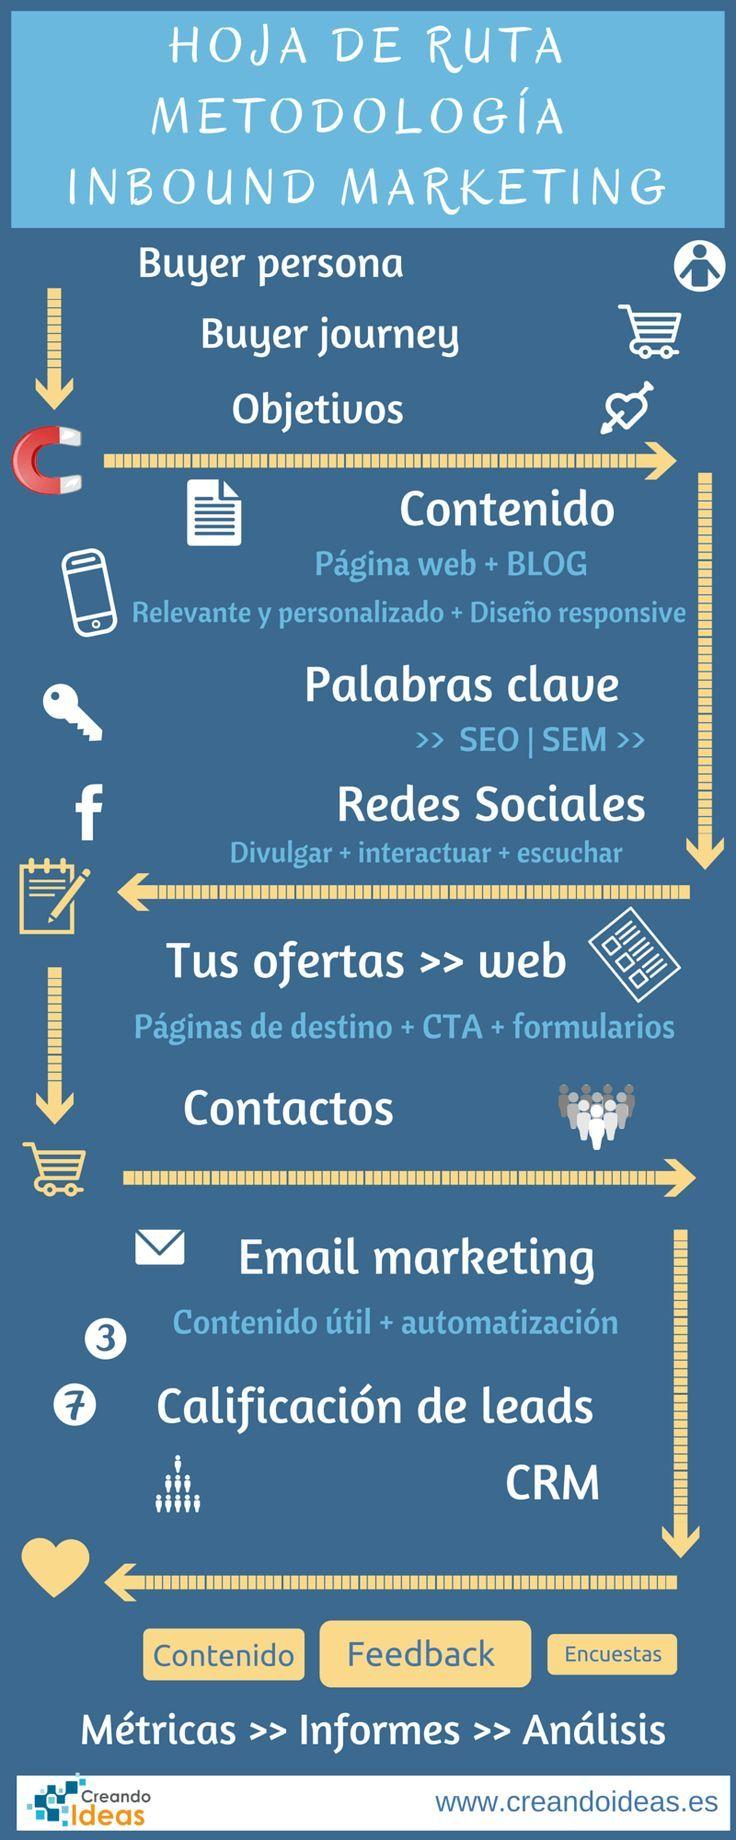 """Infografía """"Hoja de ruta metodología Inbound Marketing"""" realizada por Creando Ideas"""